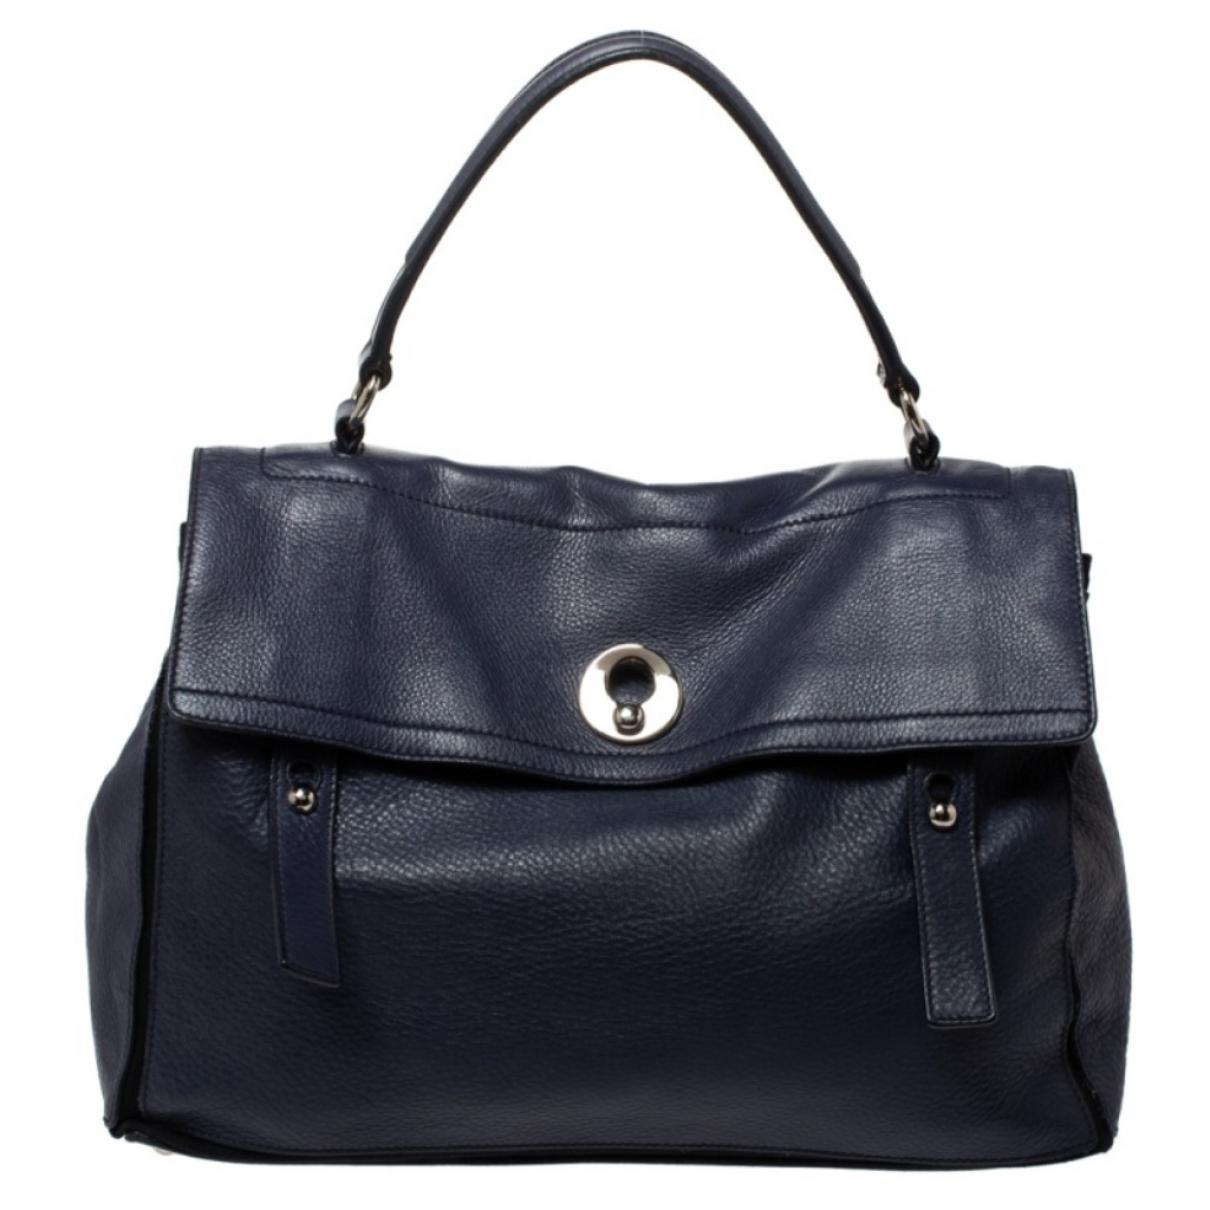 Saint Laurent Muse II Handtasche in Leder